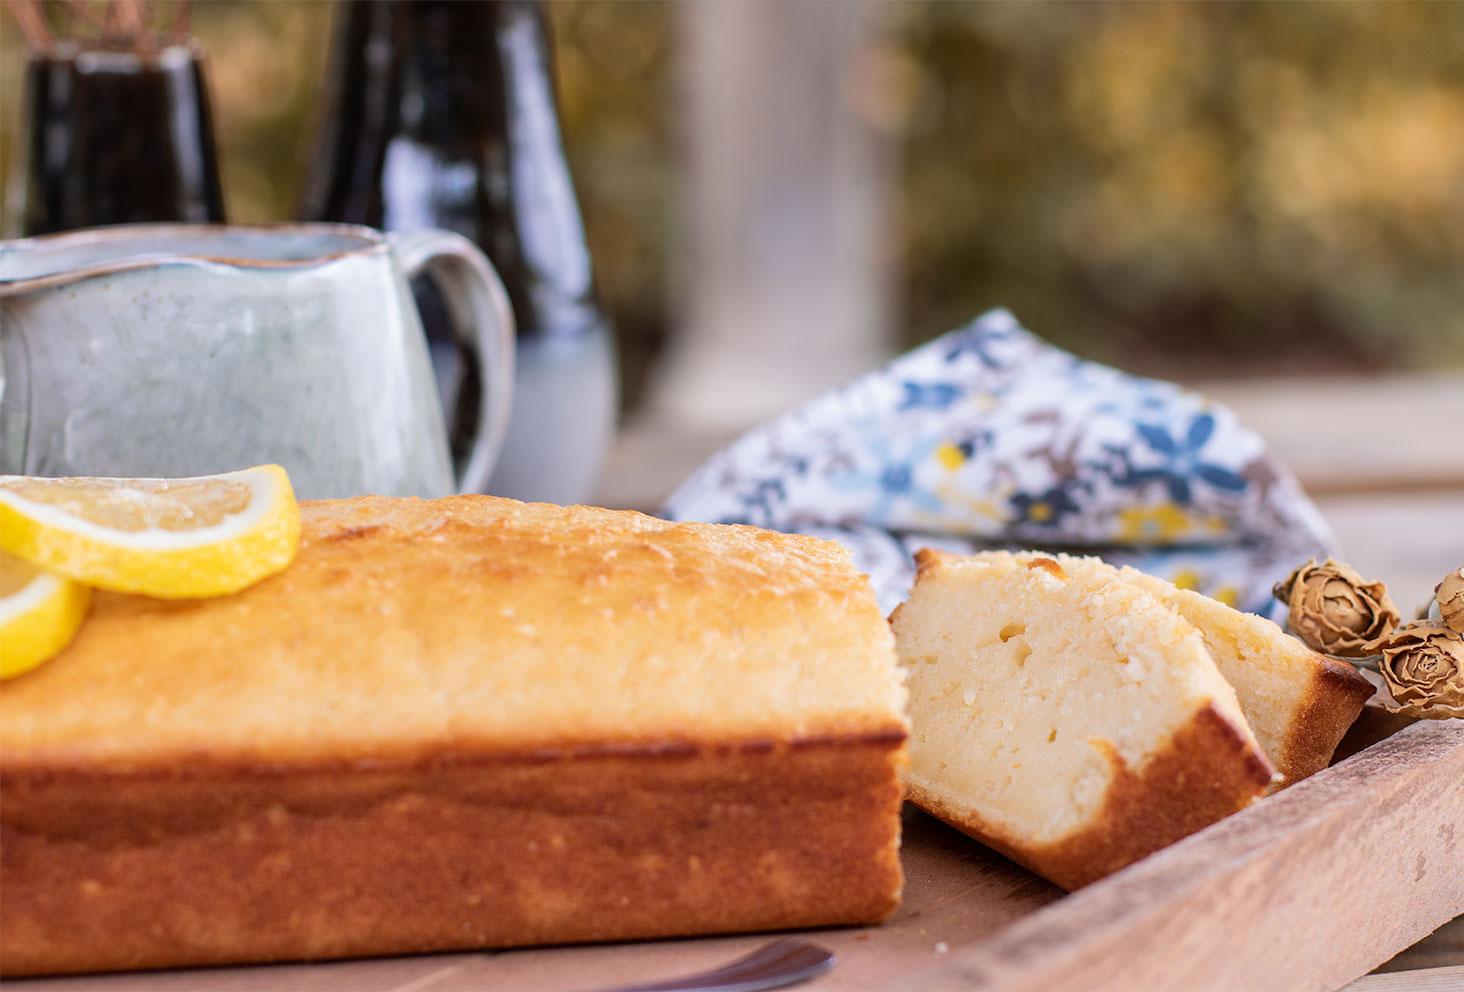 Zoom sur les parts de cake au citron coupées, posées sur un plateau en bois